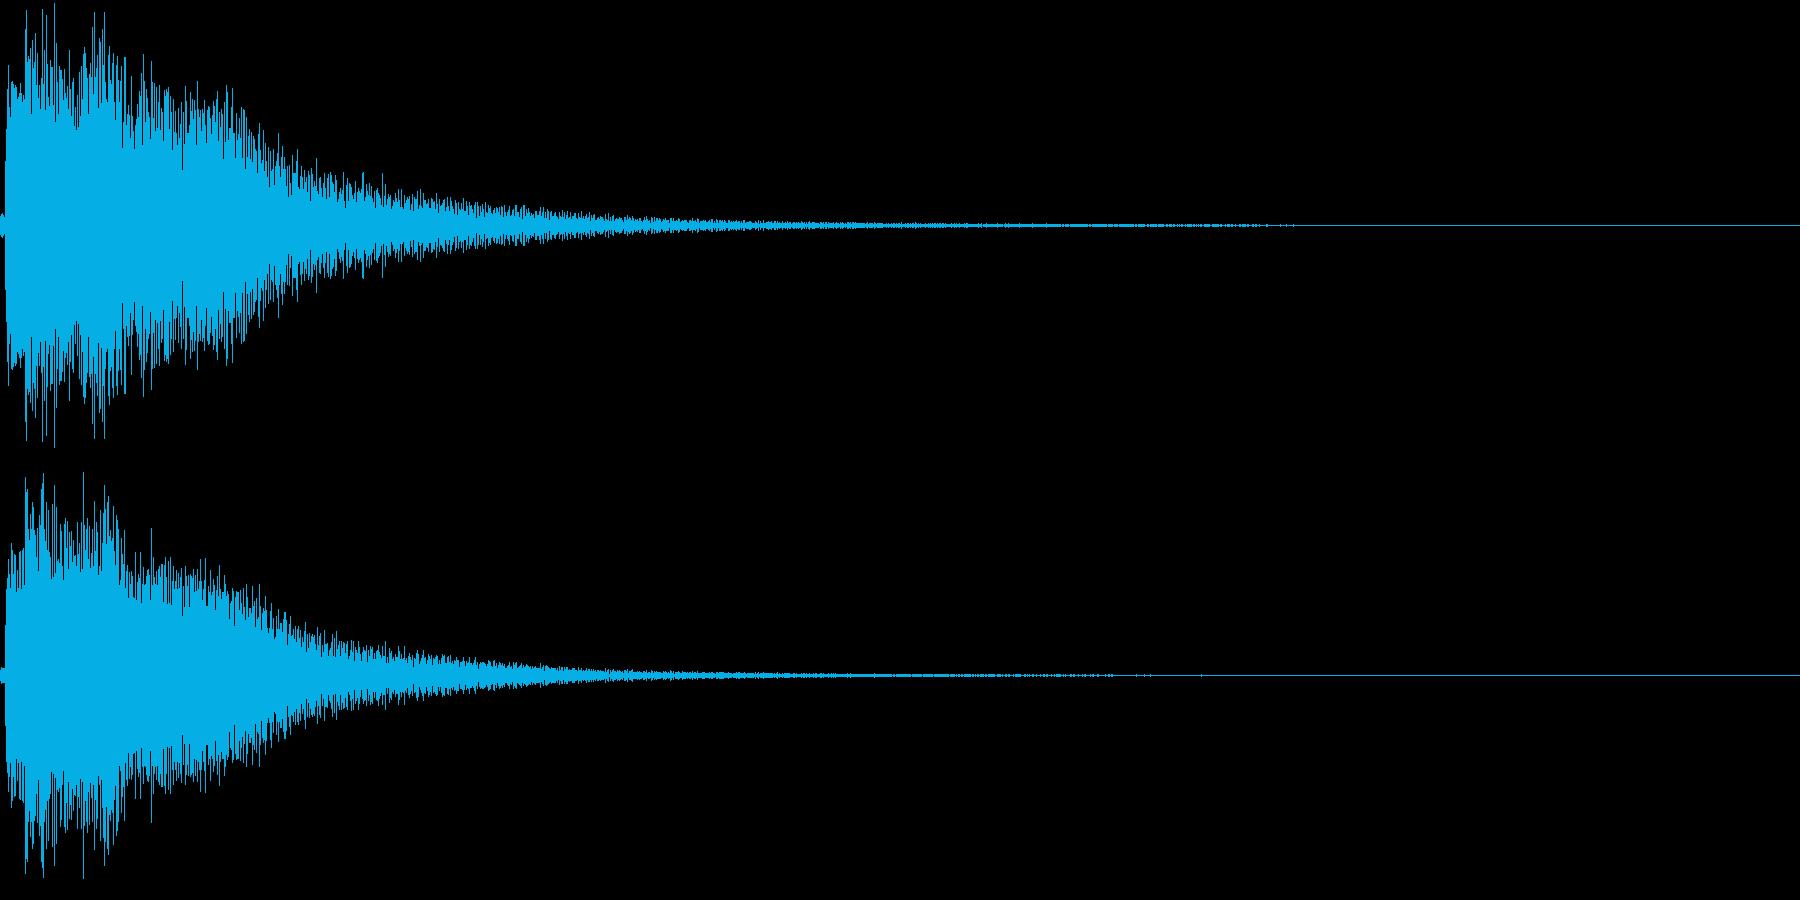 和風 箏(琴)上がっていく音1の再生済みの波形